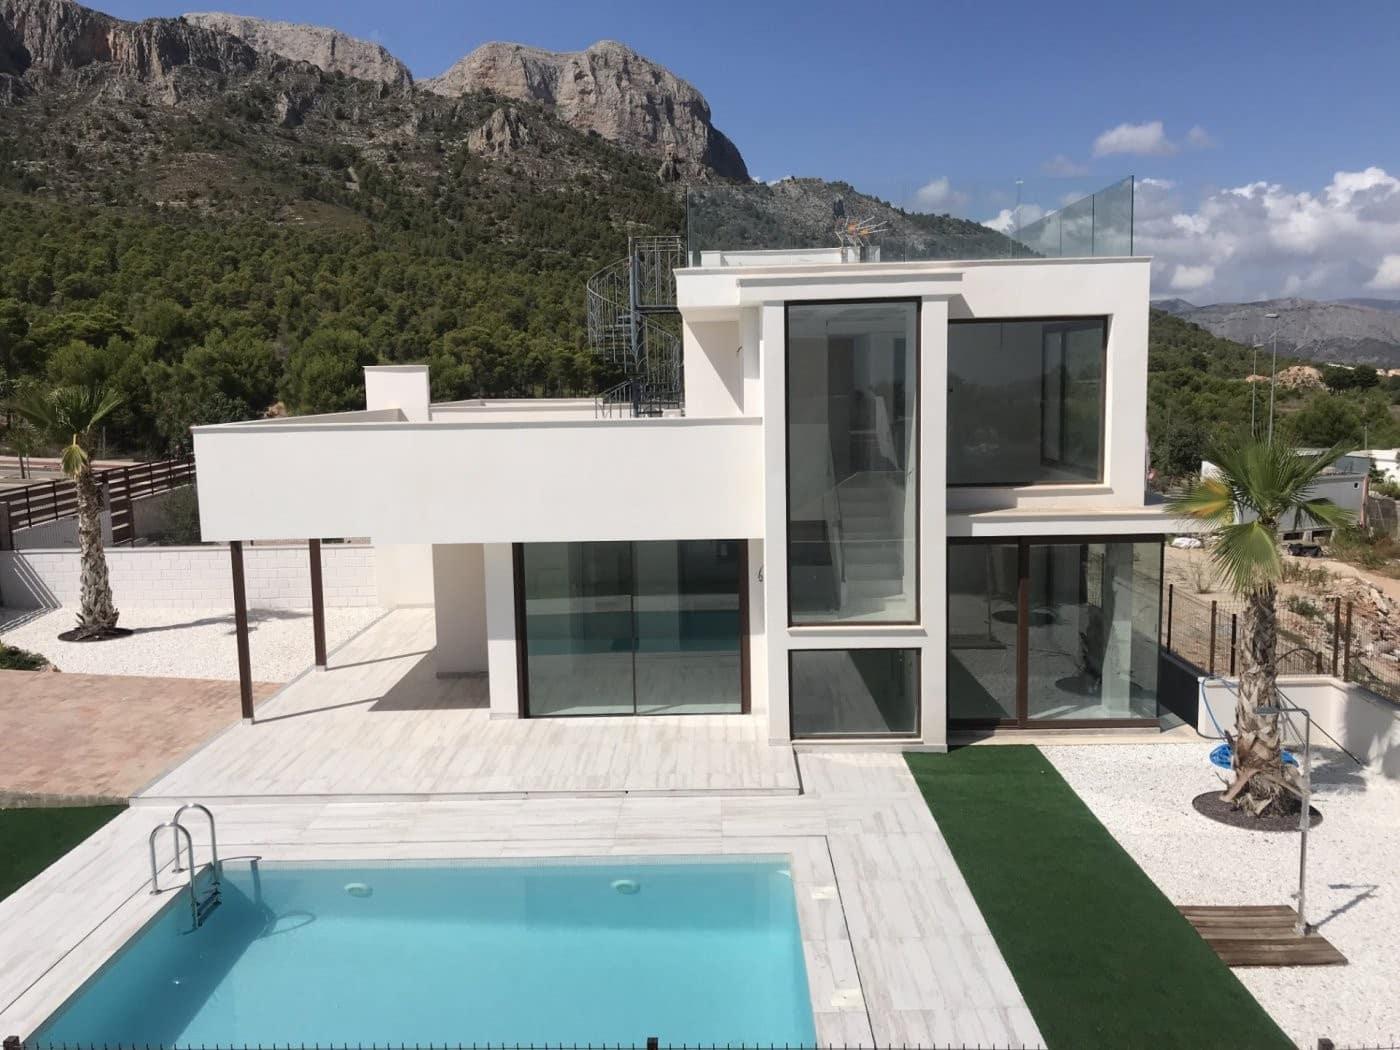 Chalet de 3 habitaciones en Polop en venta con piscina - 398.000 € (Ref: 4902921)